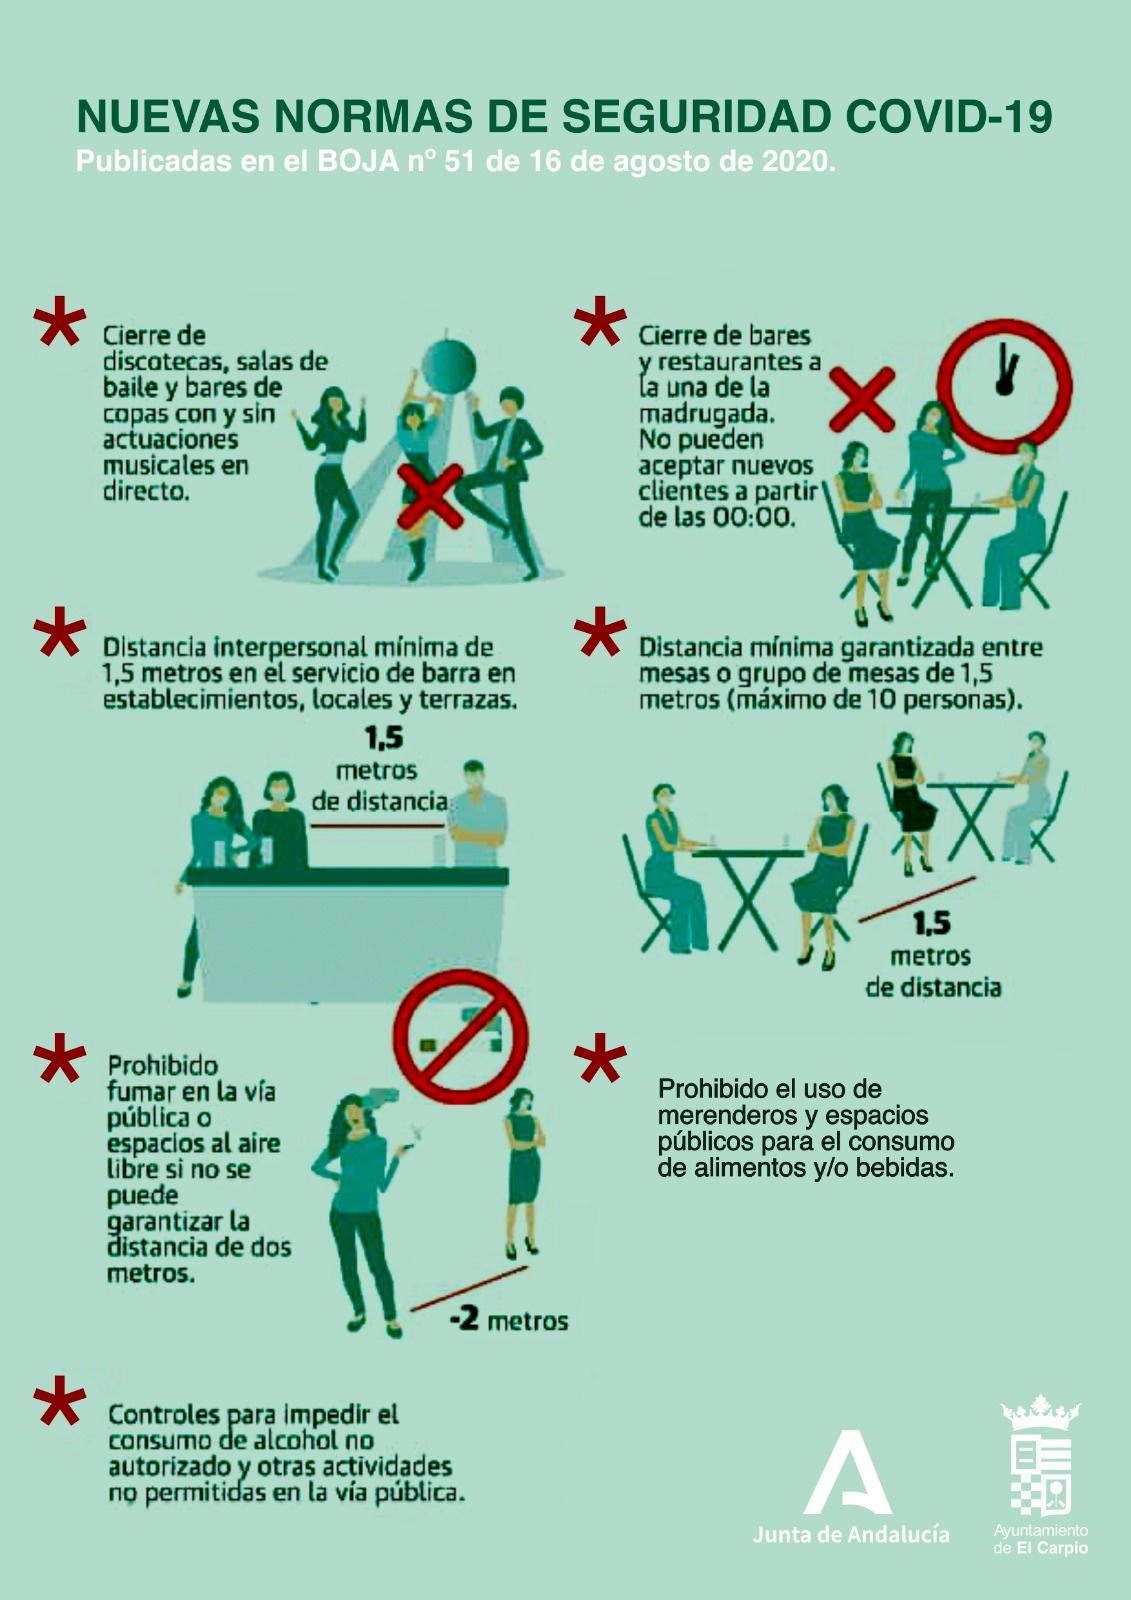 NUEVAS NORMAS SEGURIDAD COVID-19